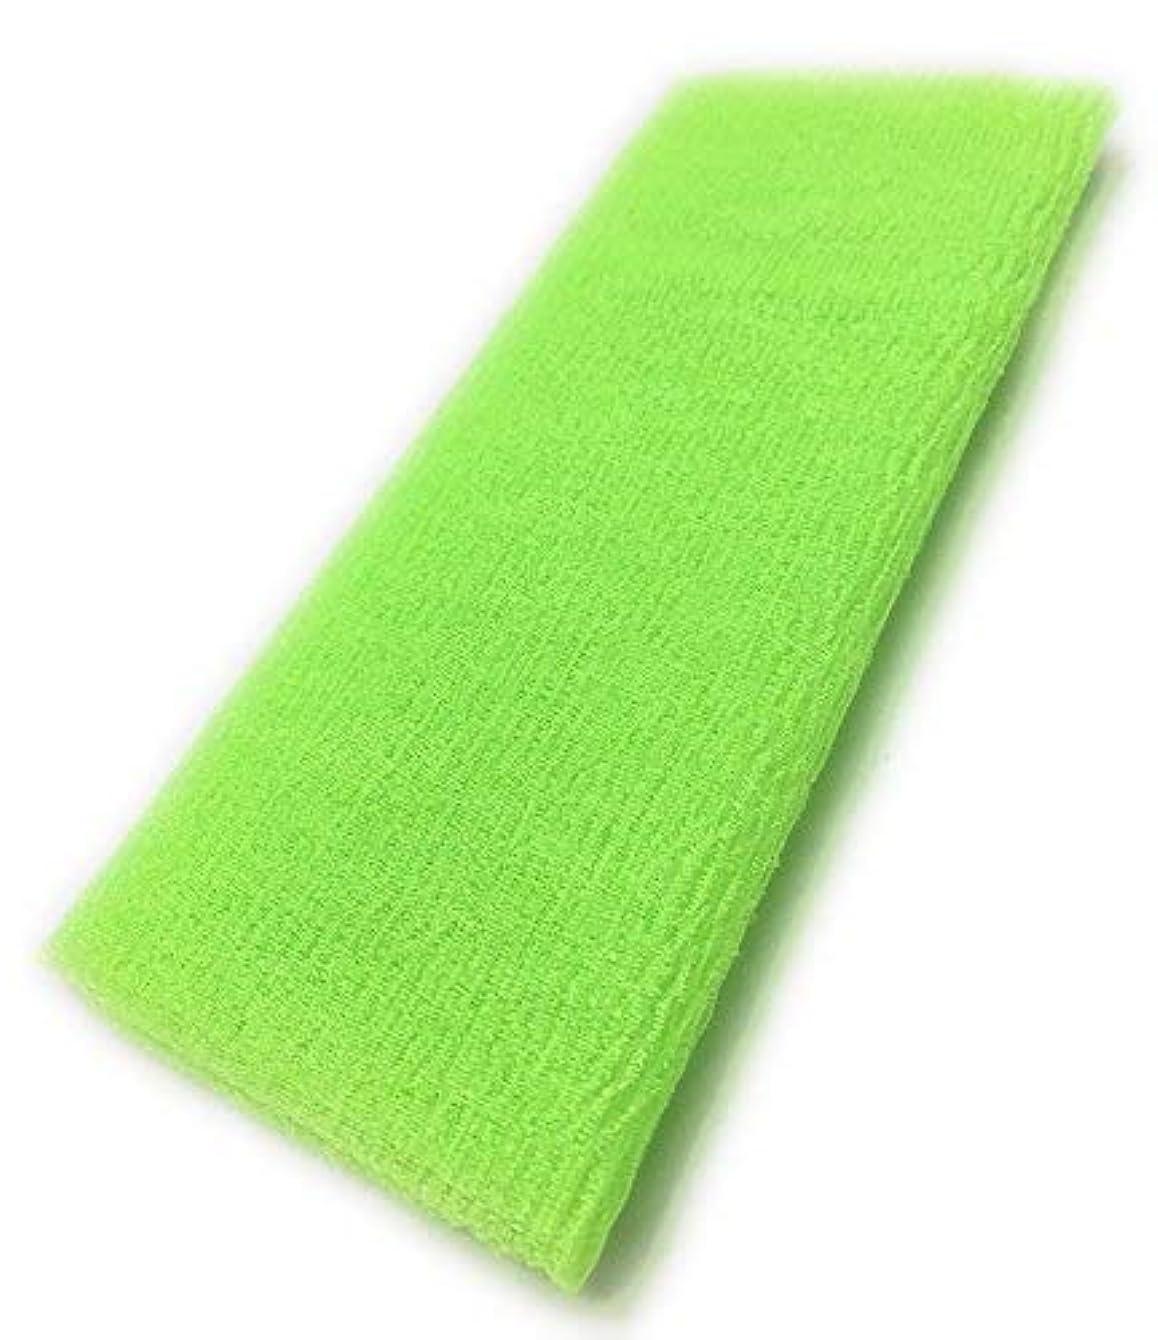 対抗スイッチ放射性Maltose あかすりタオル ボディタオル ロングボディブラシ やわらか 濃密泡 背中 お風呂用 メンズ 4色 (グリーン)